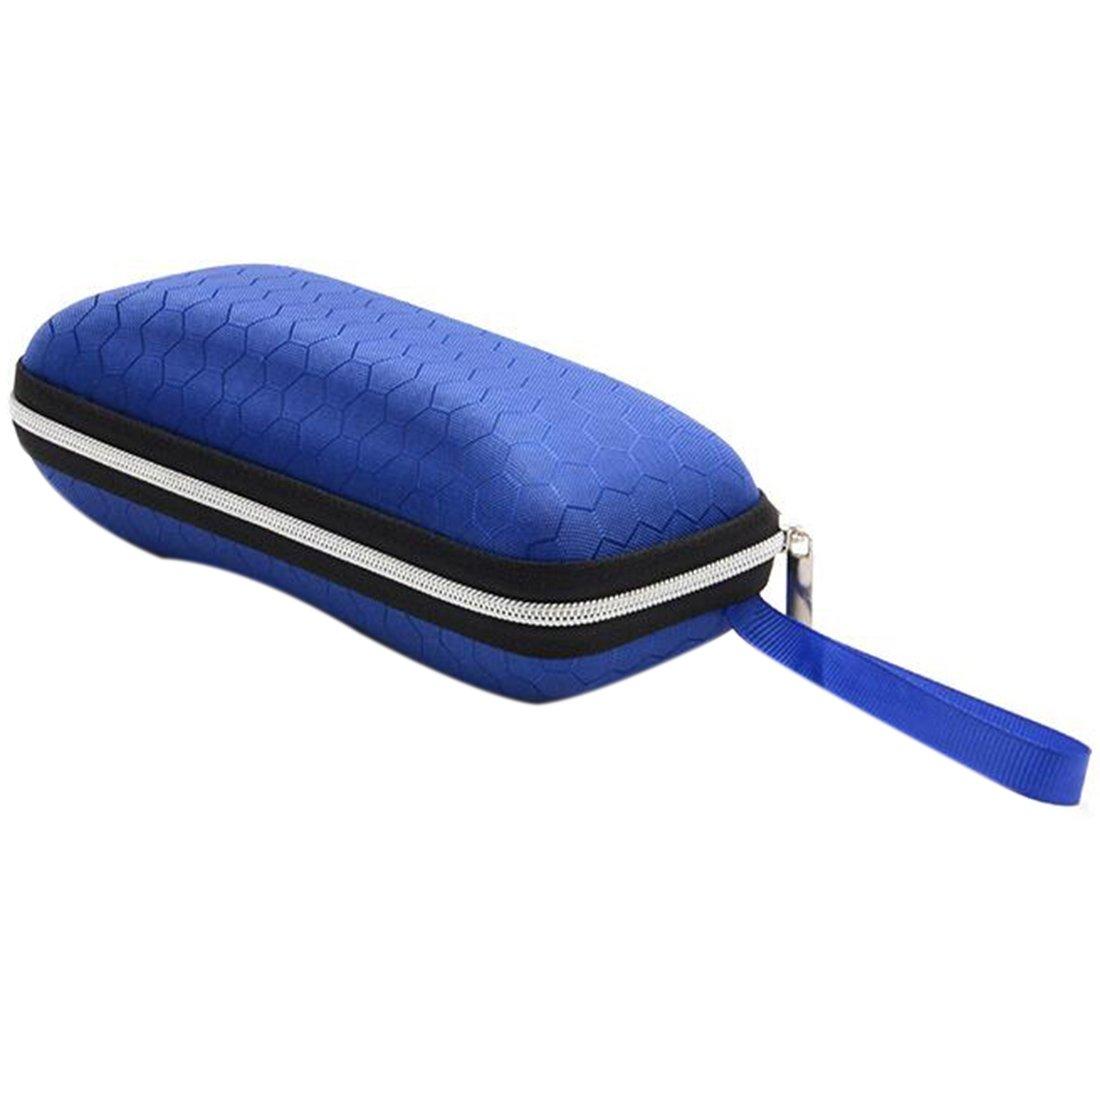 Estuches para Gafas Gafas Protectoras Caja Protectora Rectángulo Gafas de Sol con Cierre de Cremallera Estuche de Gafas con Lentes rígidas Azul: Amazon.es: Deportes y aire libre